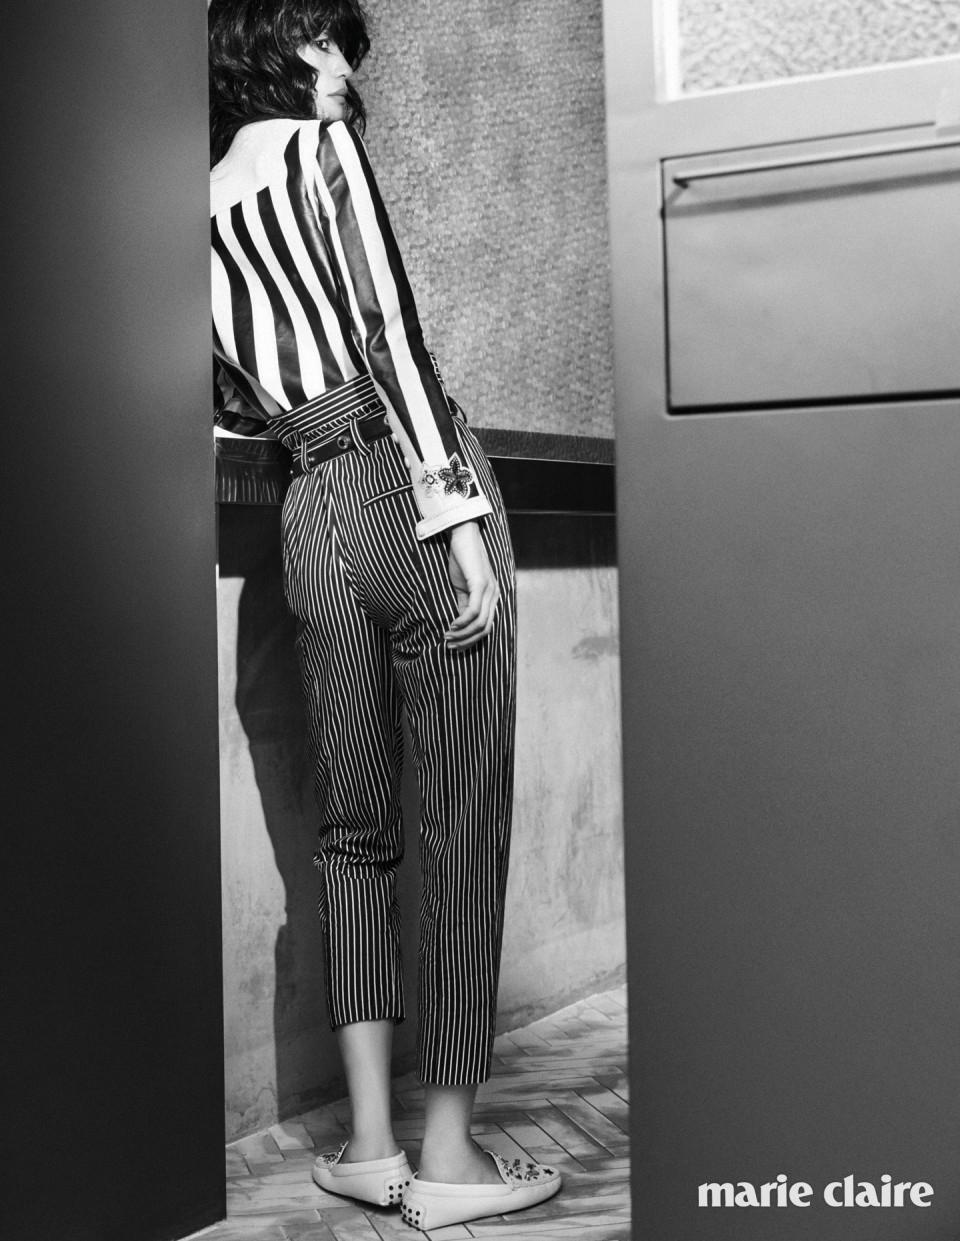 블랙 앤 화이트 스트라이프 레더 재킷 가격 미정, 포켓으로 포인트를 준 블랙 스트라이프 팬츠 가격 미정, 베이지 주얼 장식 고미노 슈즈 1백만원대, 블랙 레더 벨트 66만원대 모두 토즈(Tod's).